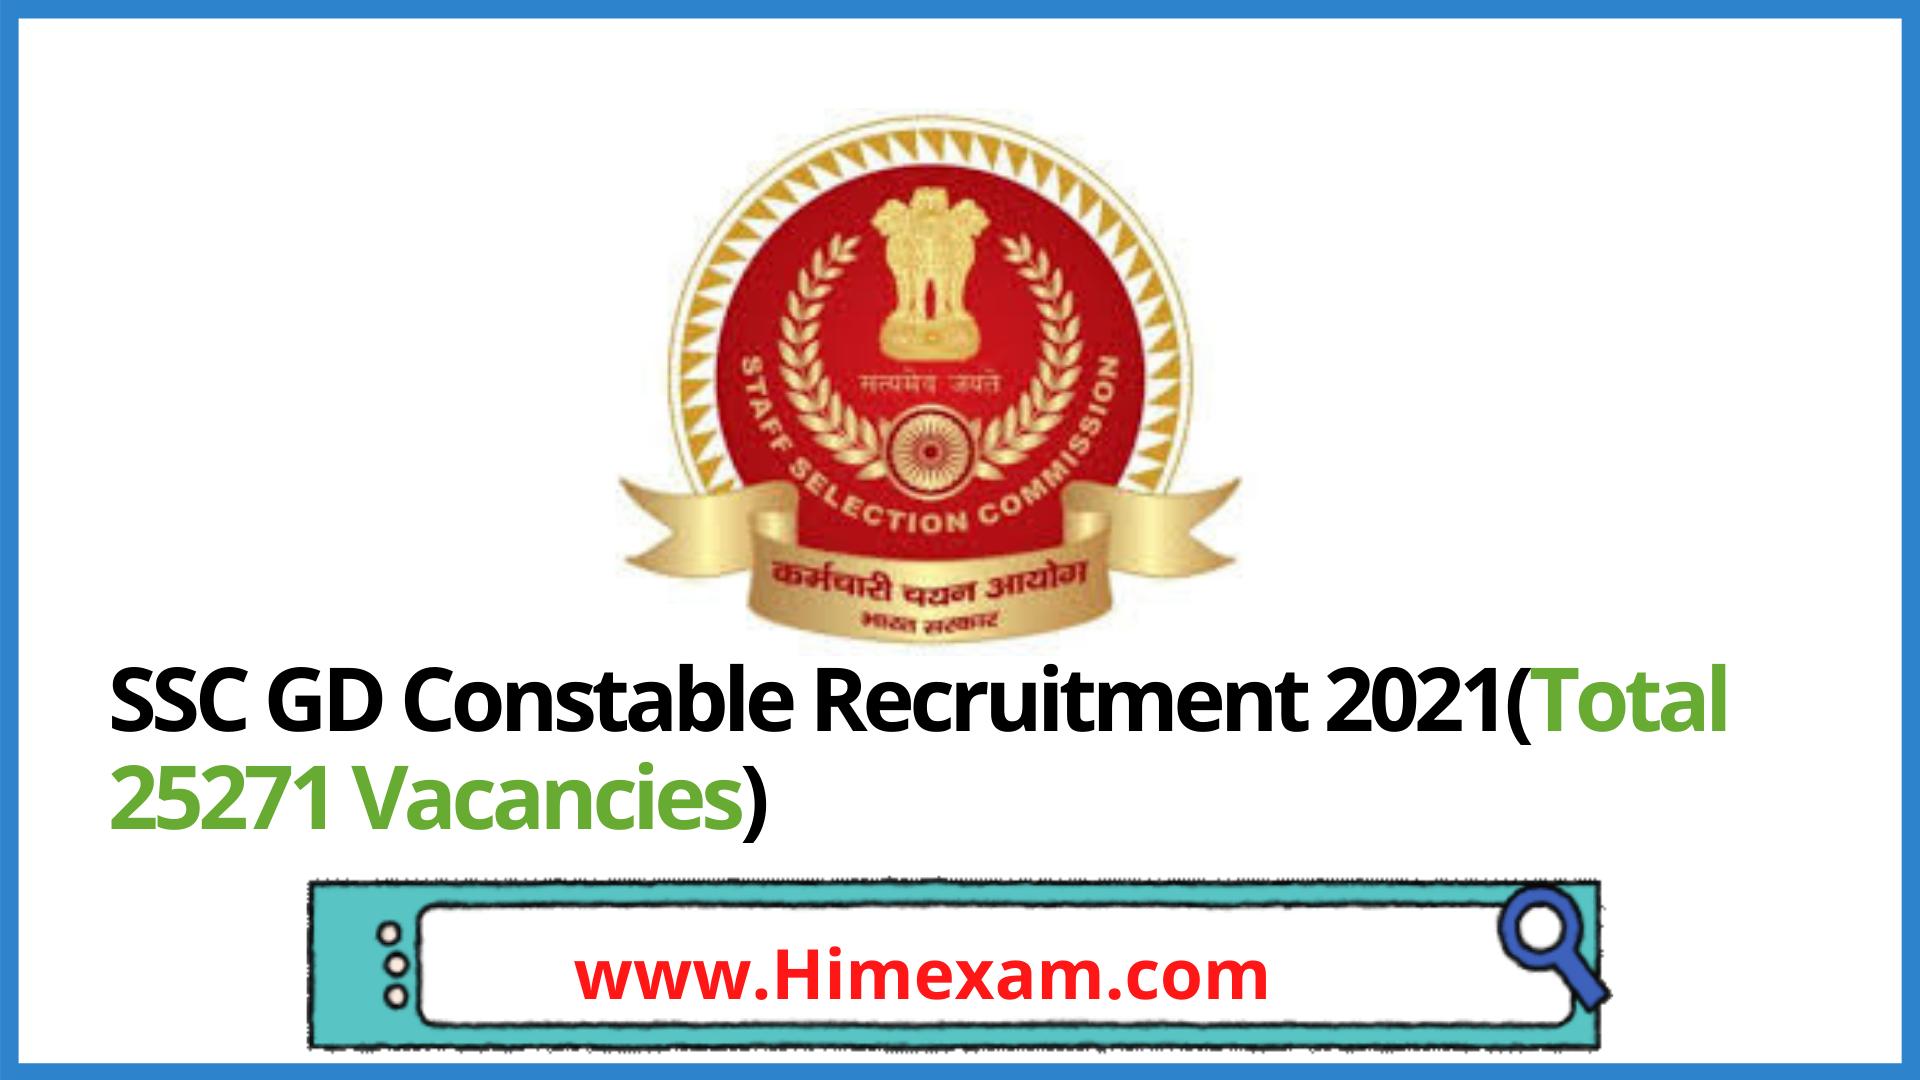 SSC GD Constable Recruitment 2021(Total 25271 Vacancies)